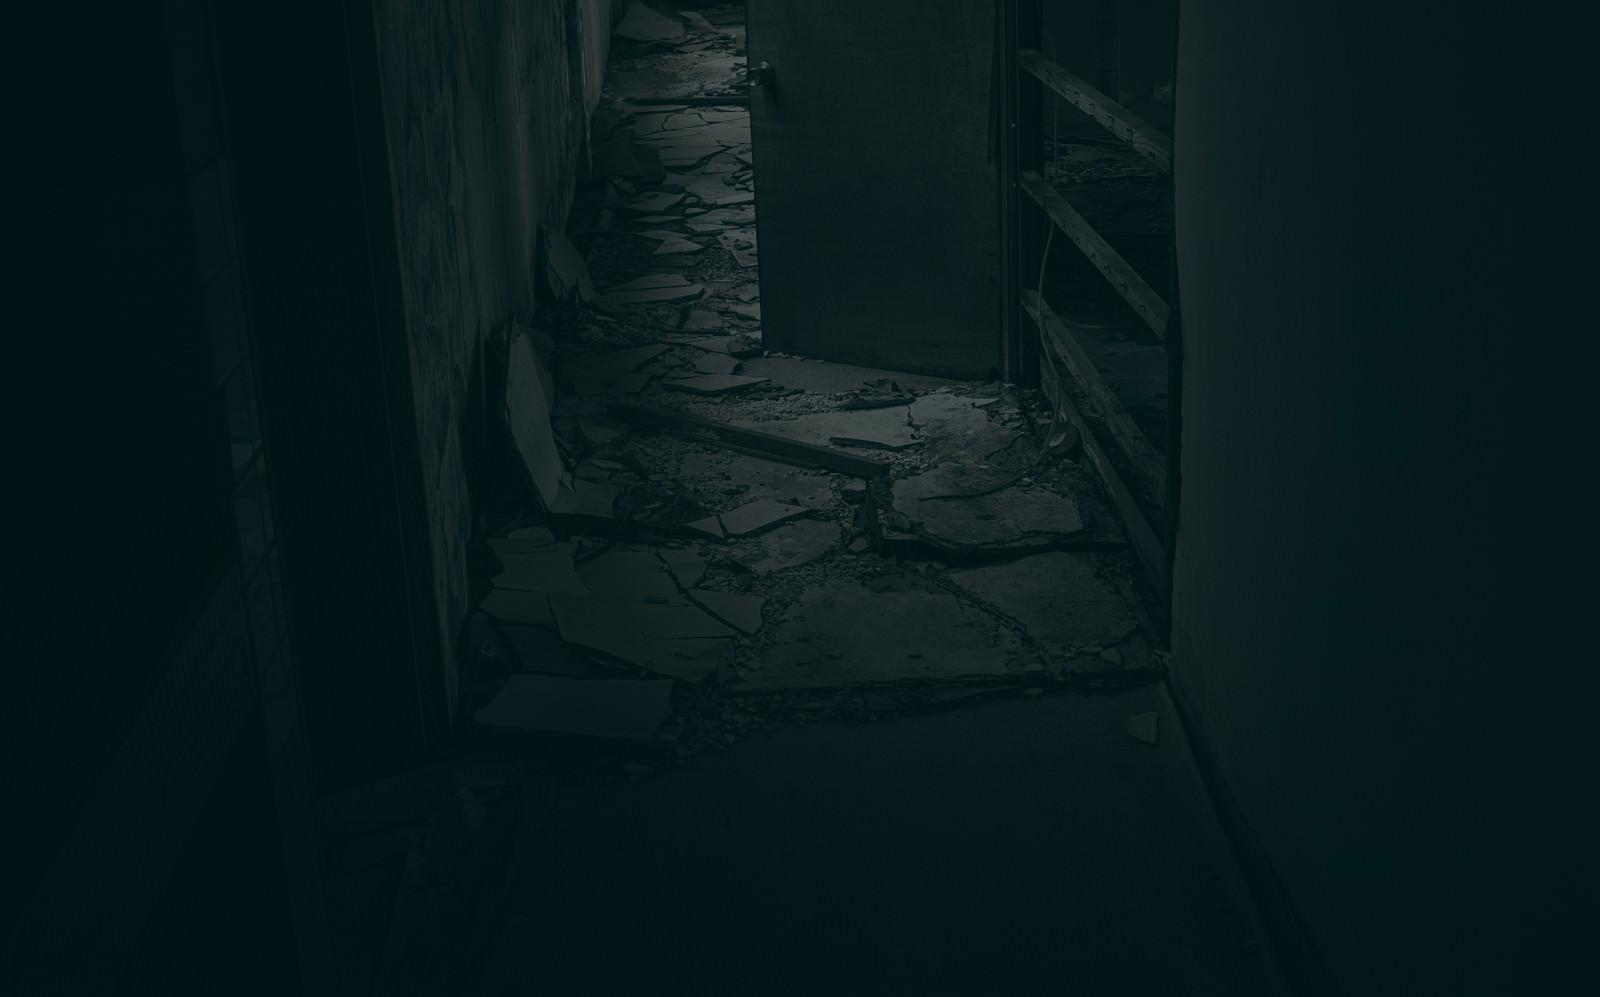 「床が崩壊した建物、「早くここから抜け出さないと・・・」」の写真